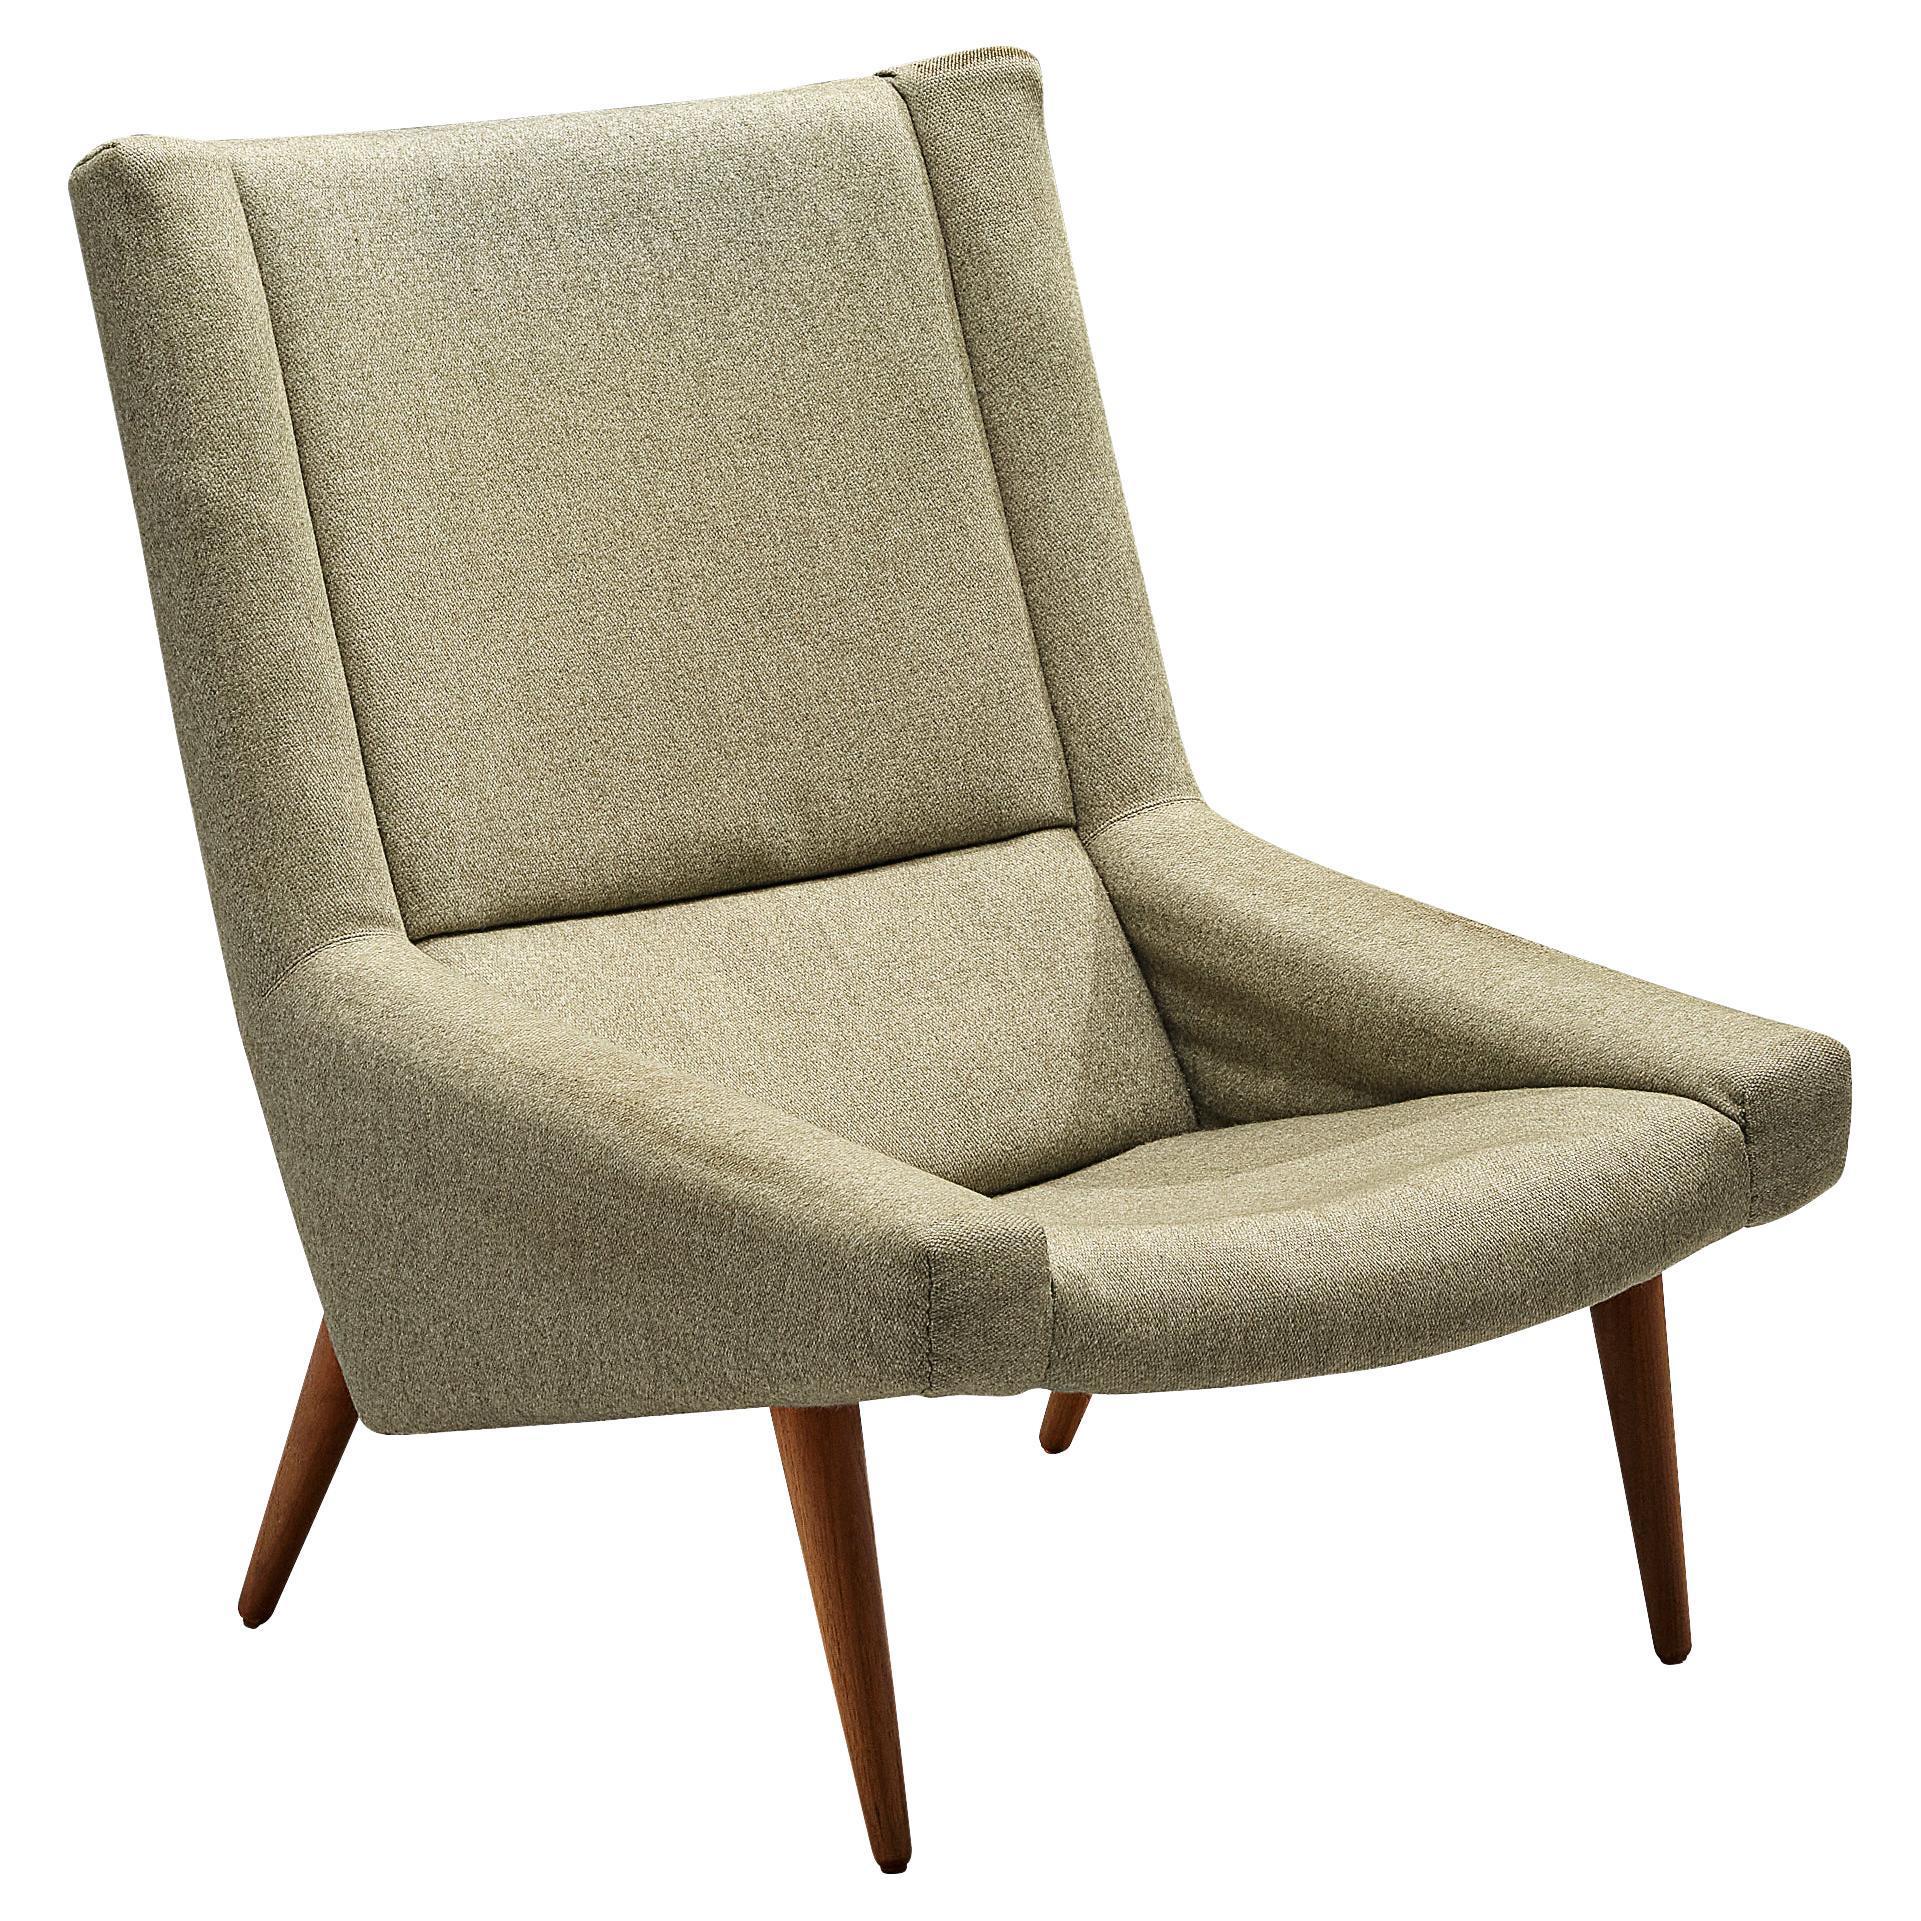 Illum Wikkelsø Lounge Chair Model 50 in Green Upholstery